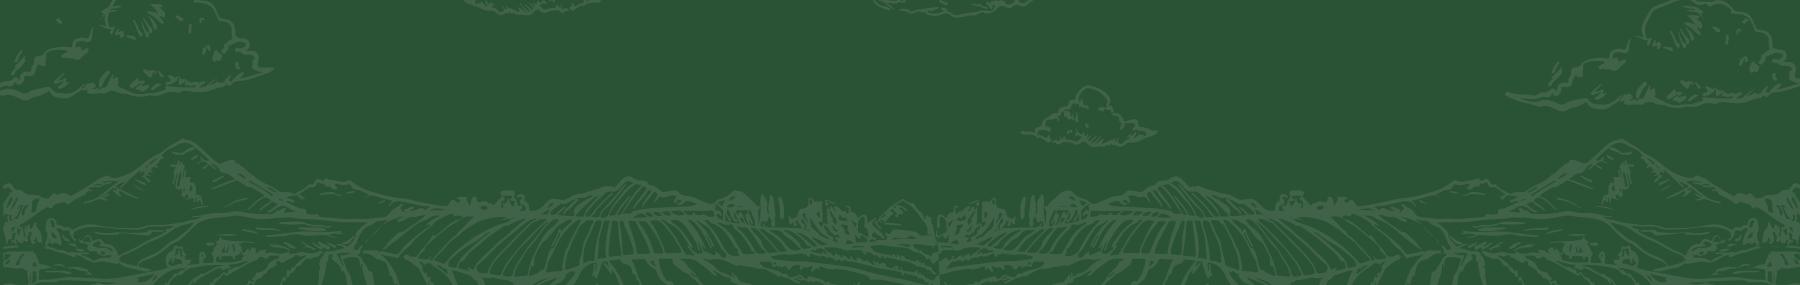 Productos Hortícolas: Catálogo de productos - Productos Las Marismas de Lebrija